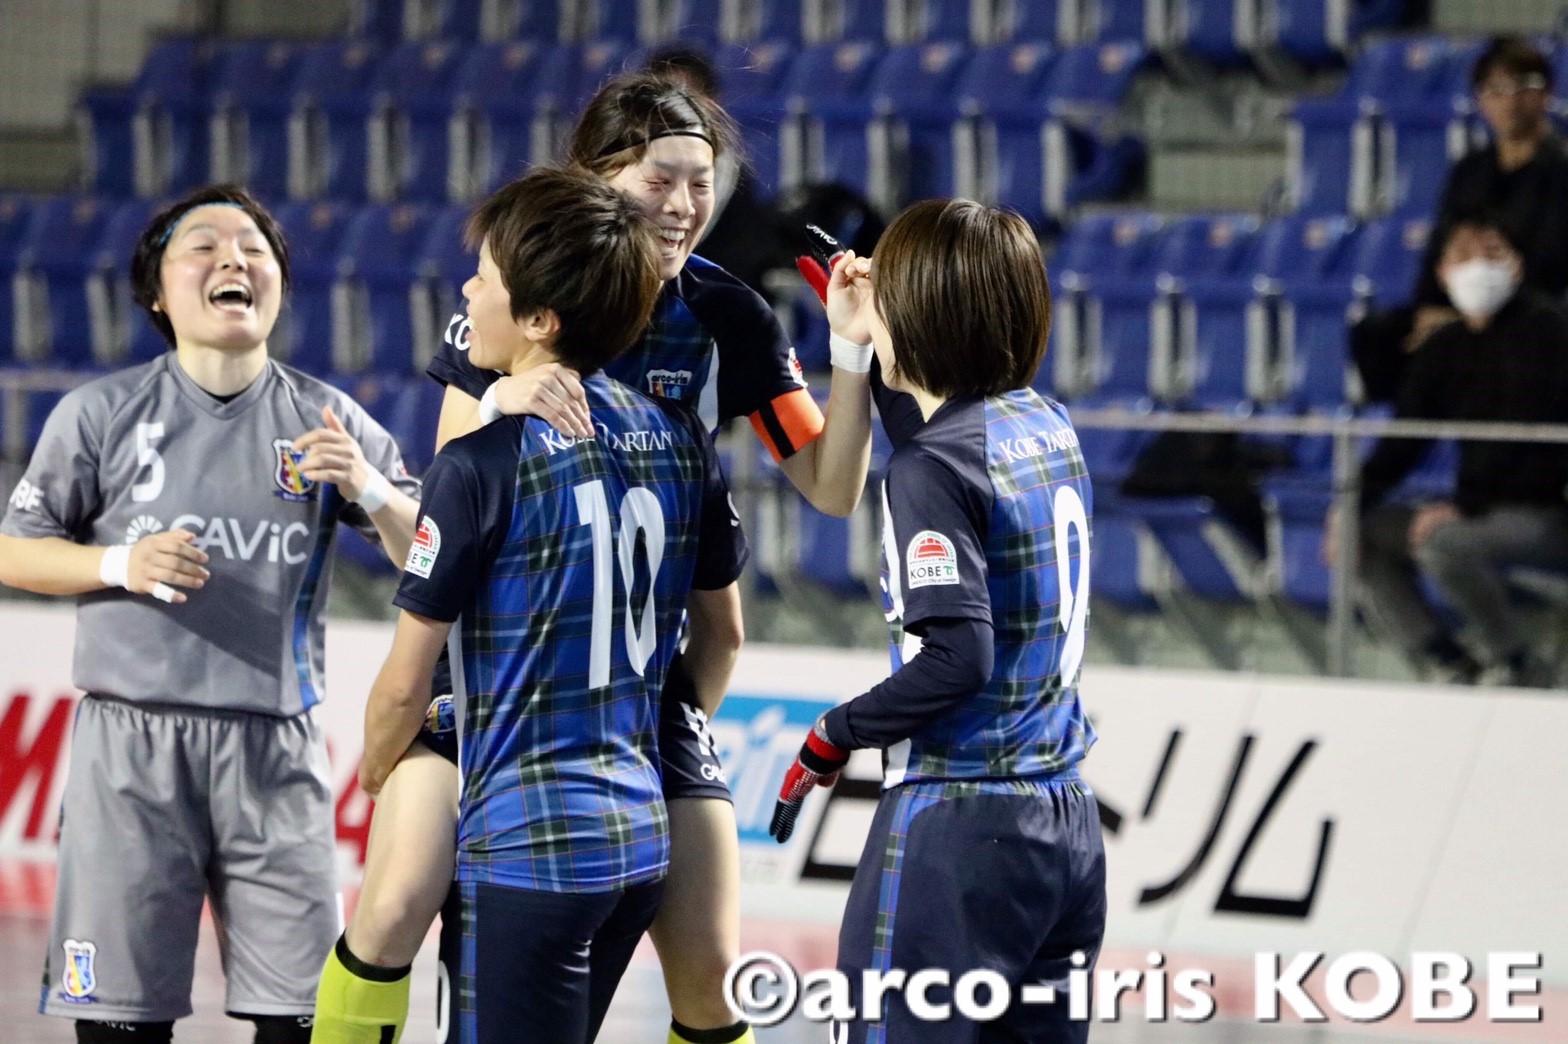 3冠なるか!?今日から第6回FUTSAL地域女子チャンピオンズリーグが開幕!